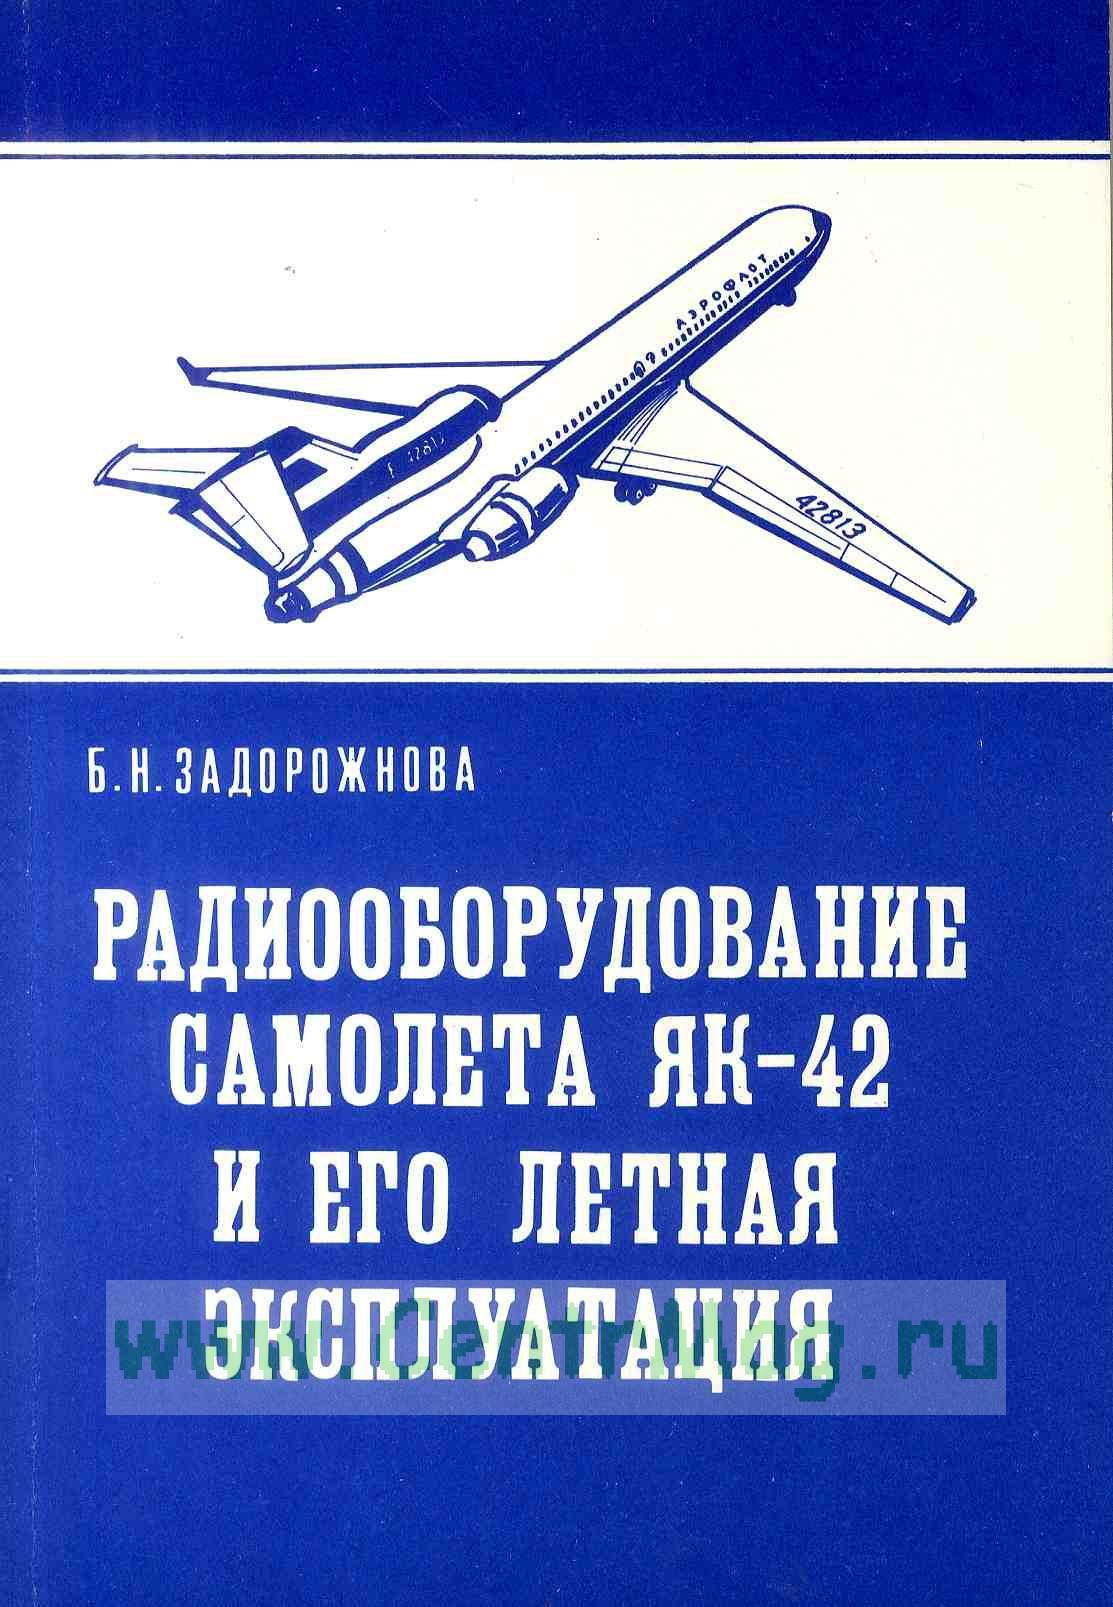 Радиооборудование самолета ЯК-42 и его летная эксплуатация